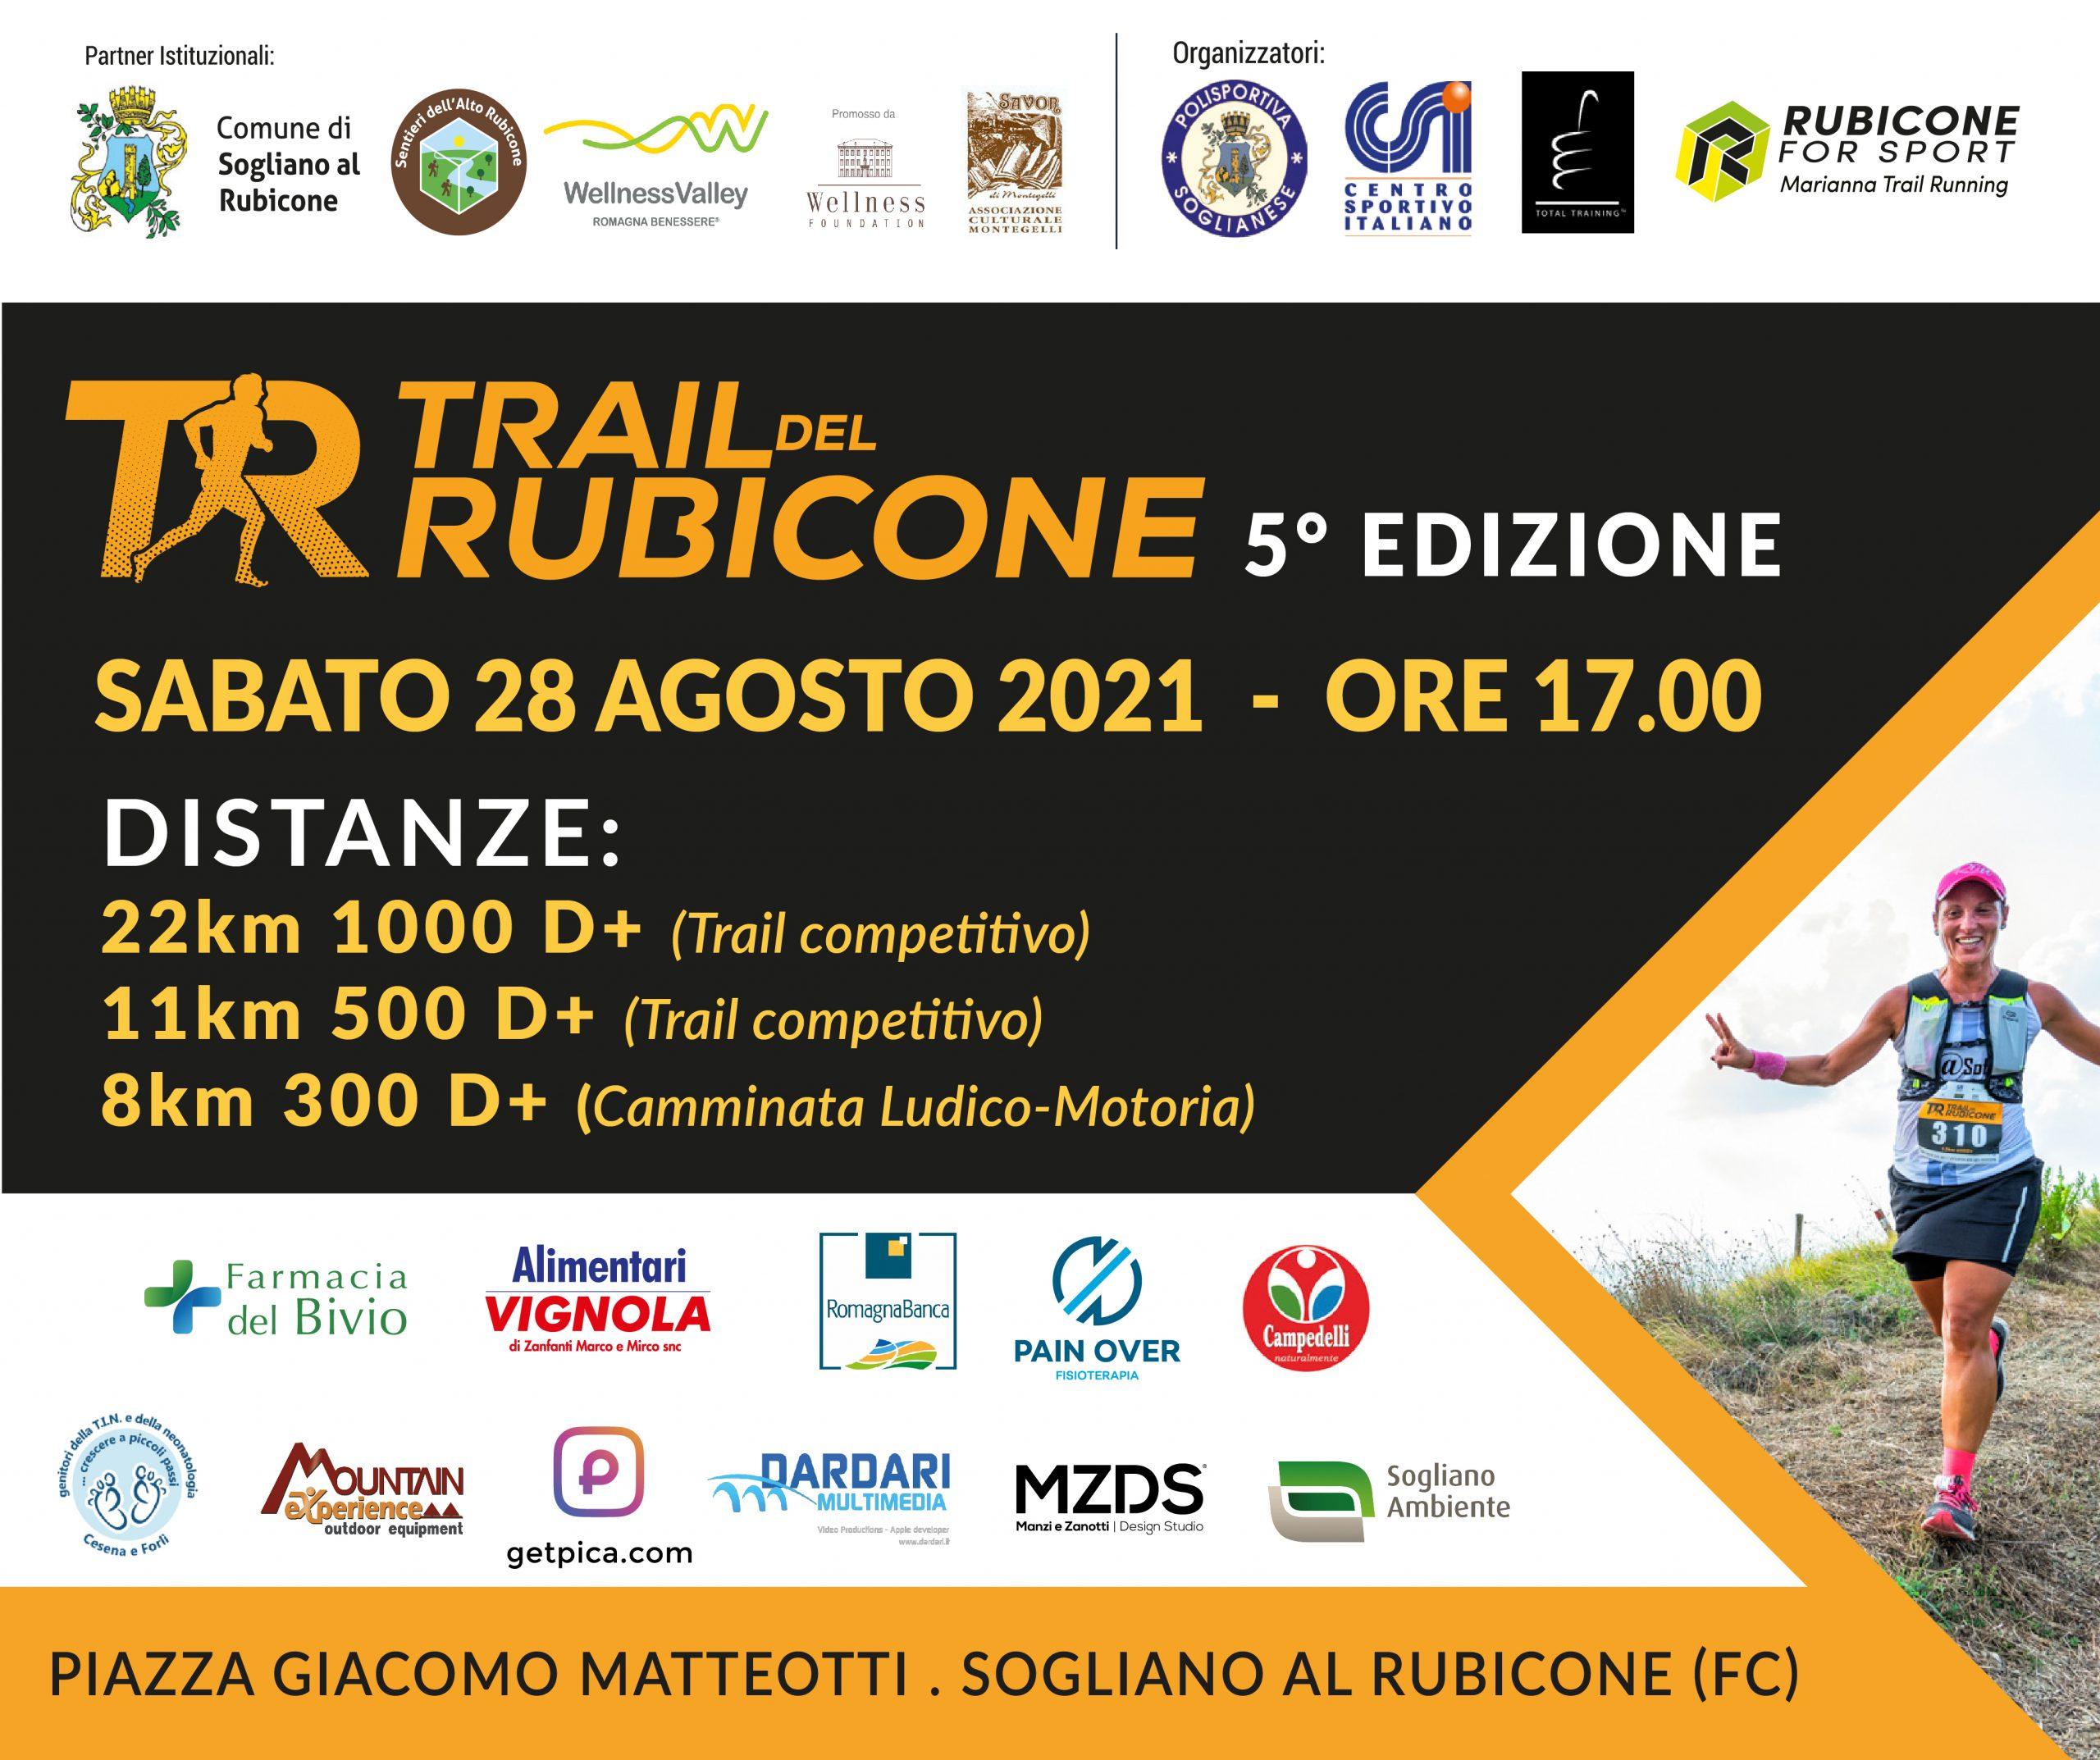 Trail del Rubicone 2021